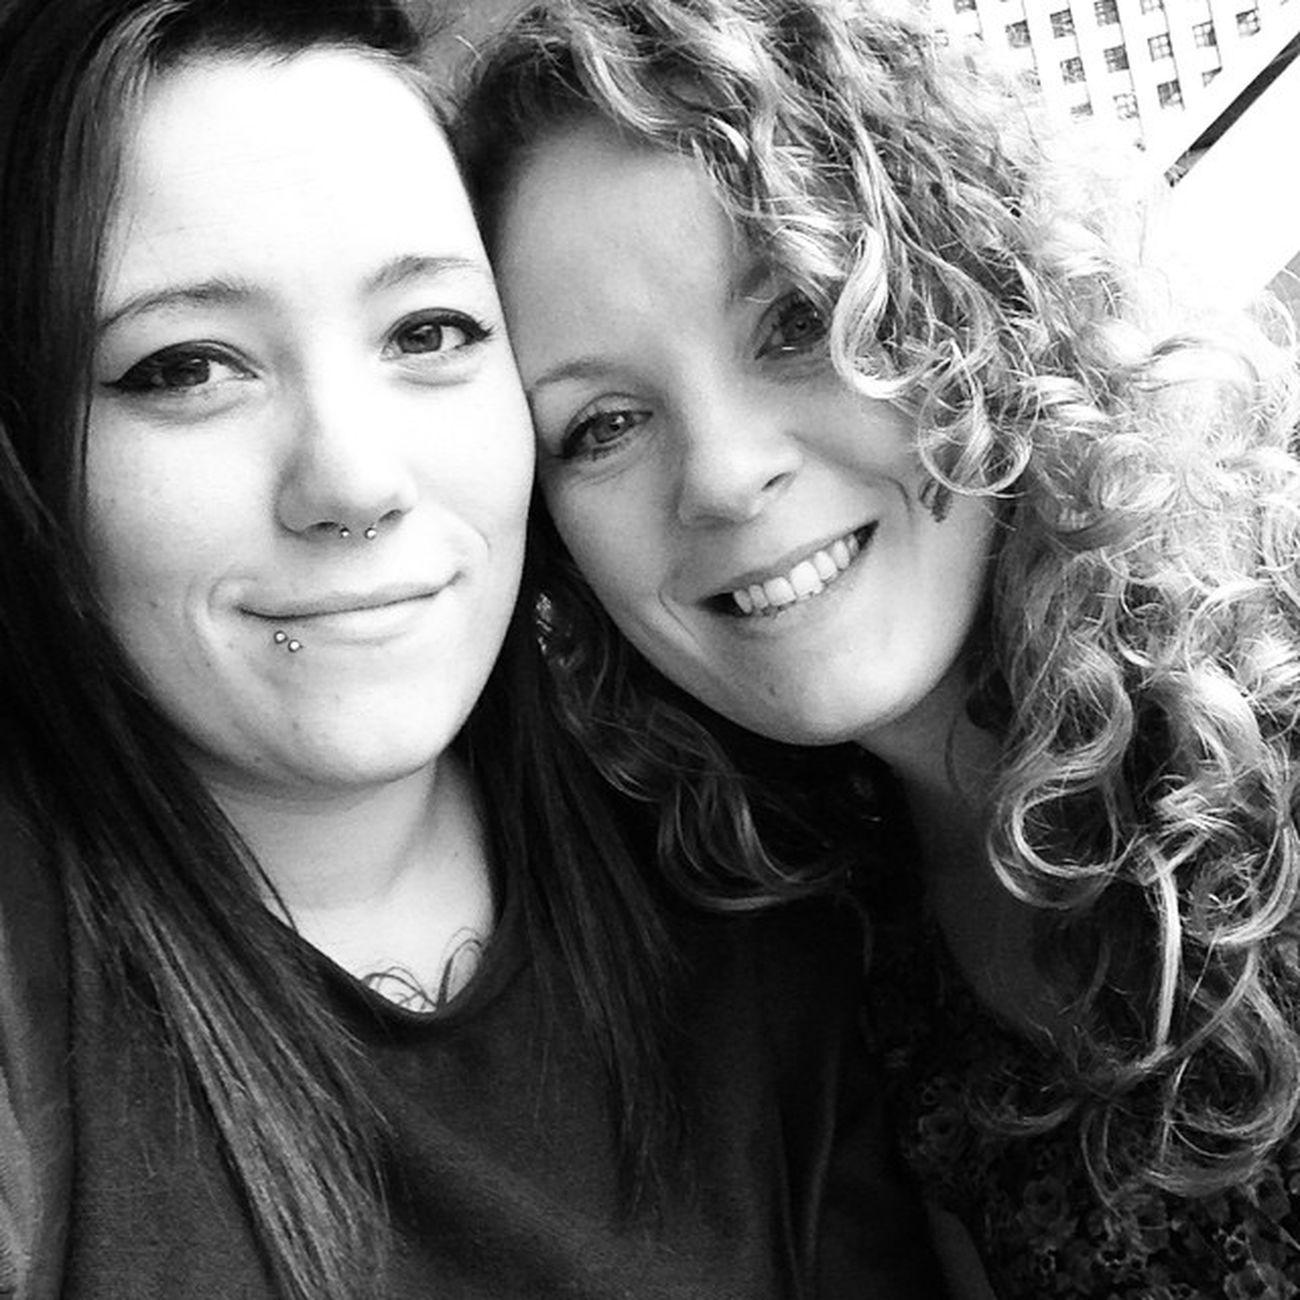 Miss this one Beautiful Selfie Curlsgetthegirls Smile Wearecool Sheisamazing MissHer Piercings Blackandwhite